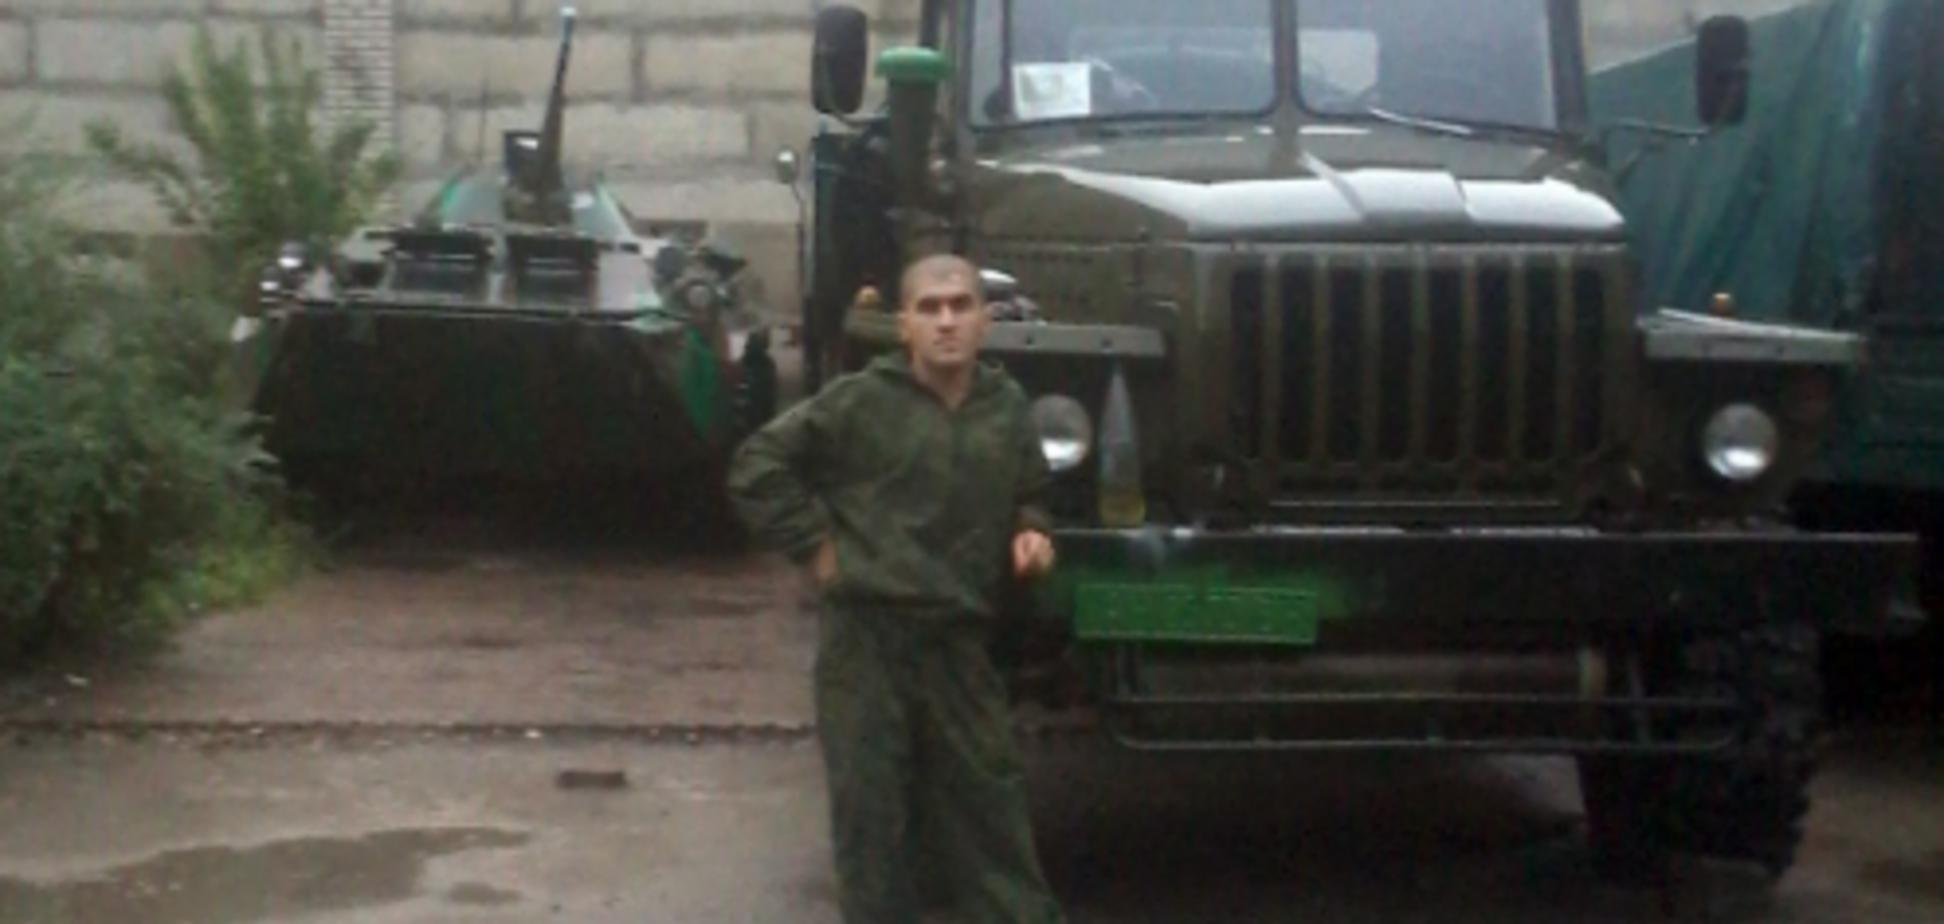 Став вантажем-200: на Донбасі убитий російський найманець 'Йож'